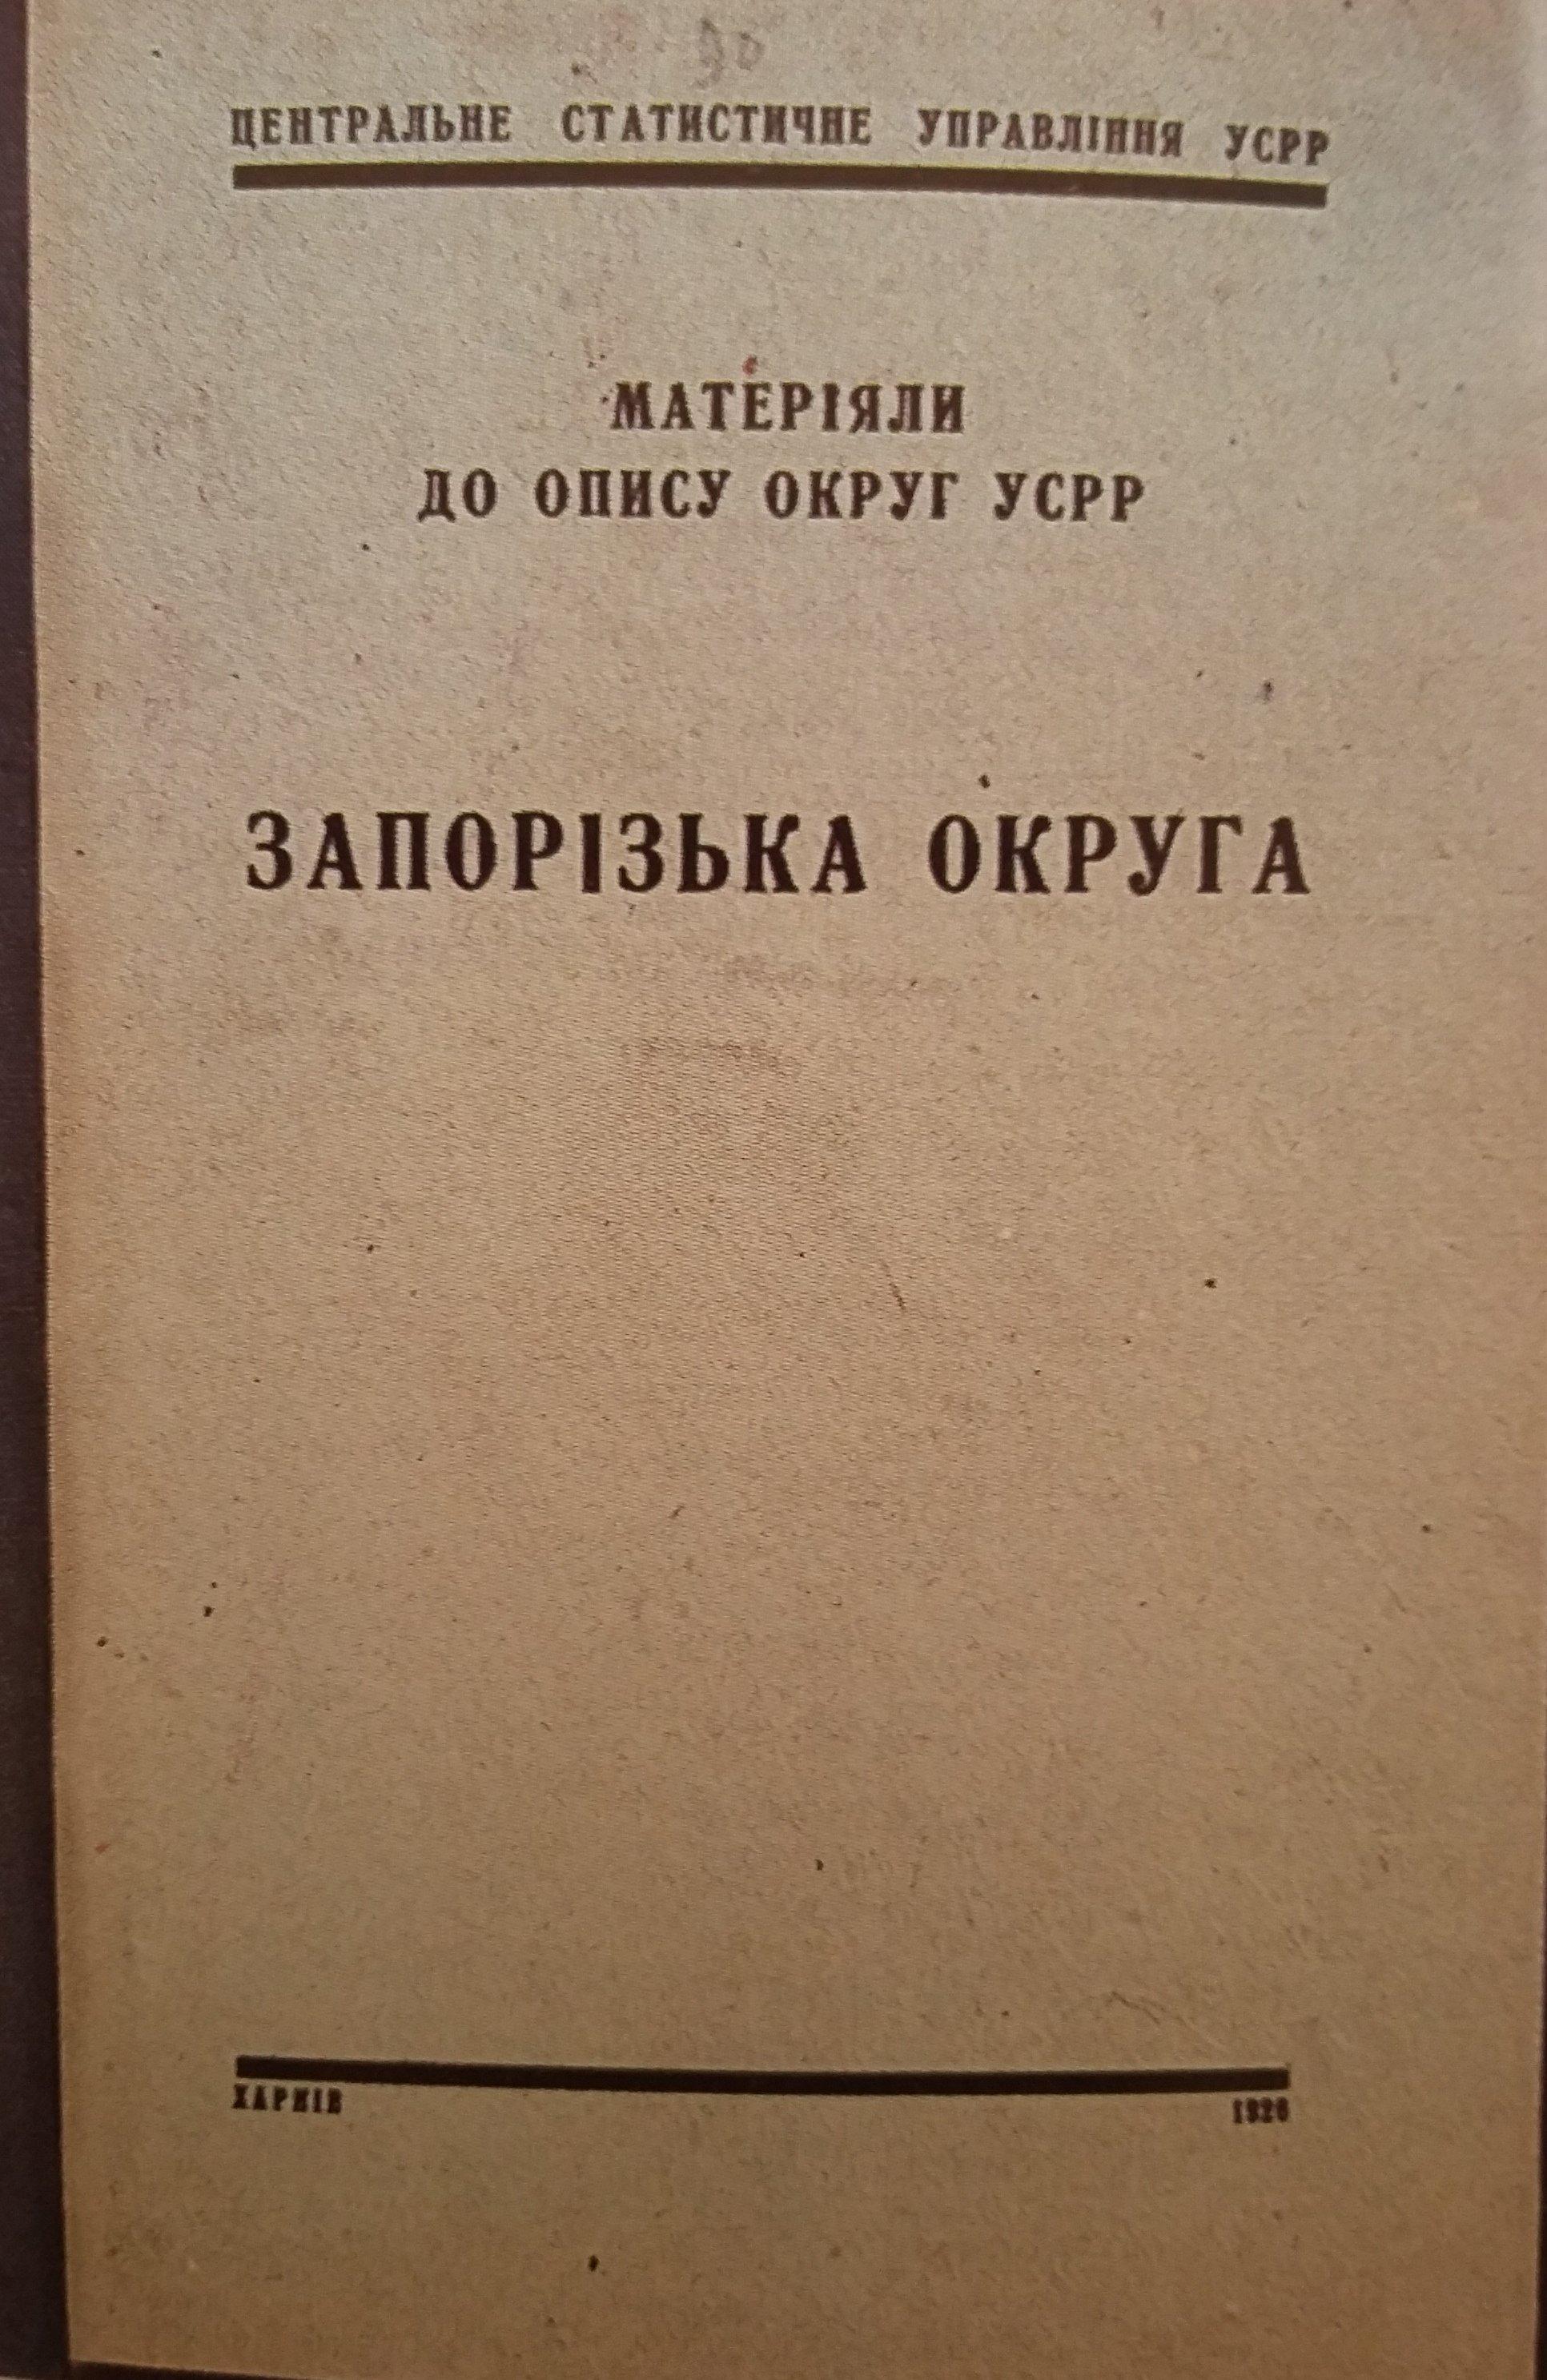 запорізька округа 1926